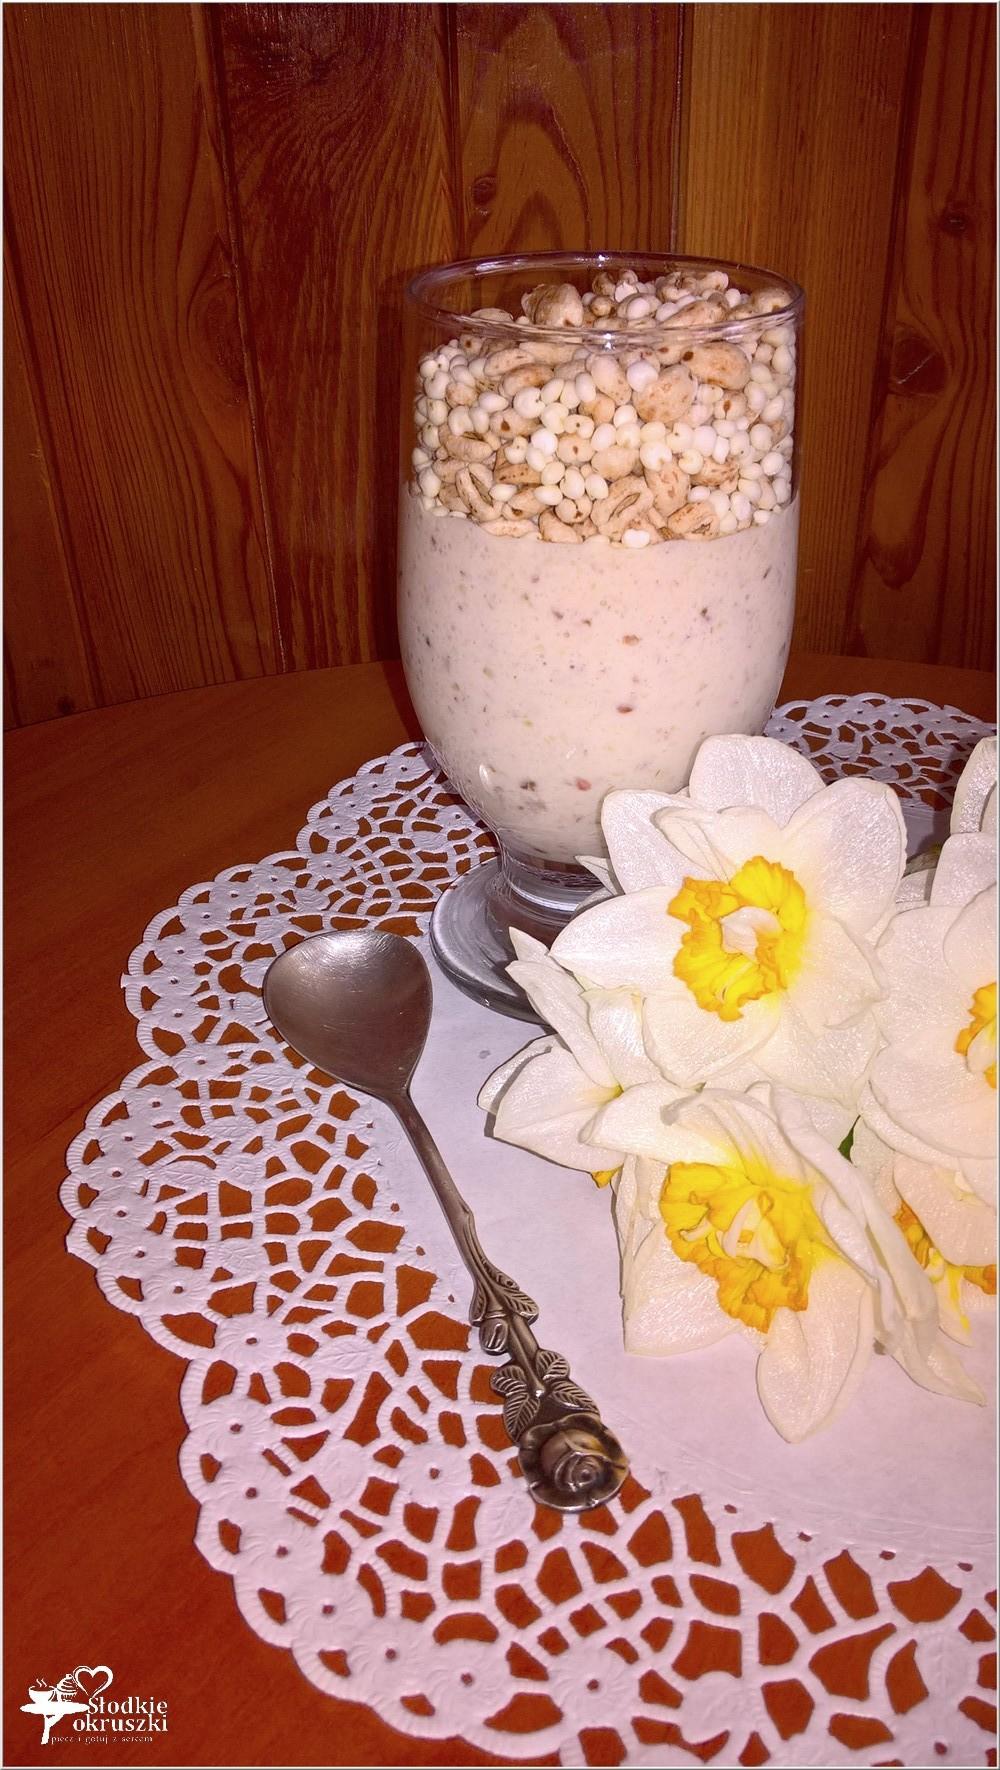 Domowy owocowo-daktylowy jogurt z ekspandowanymi zbożami (1)